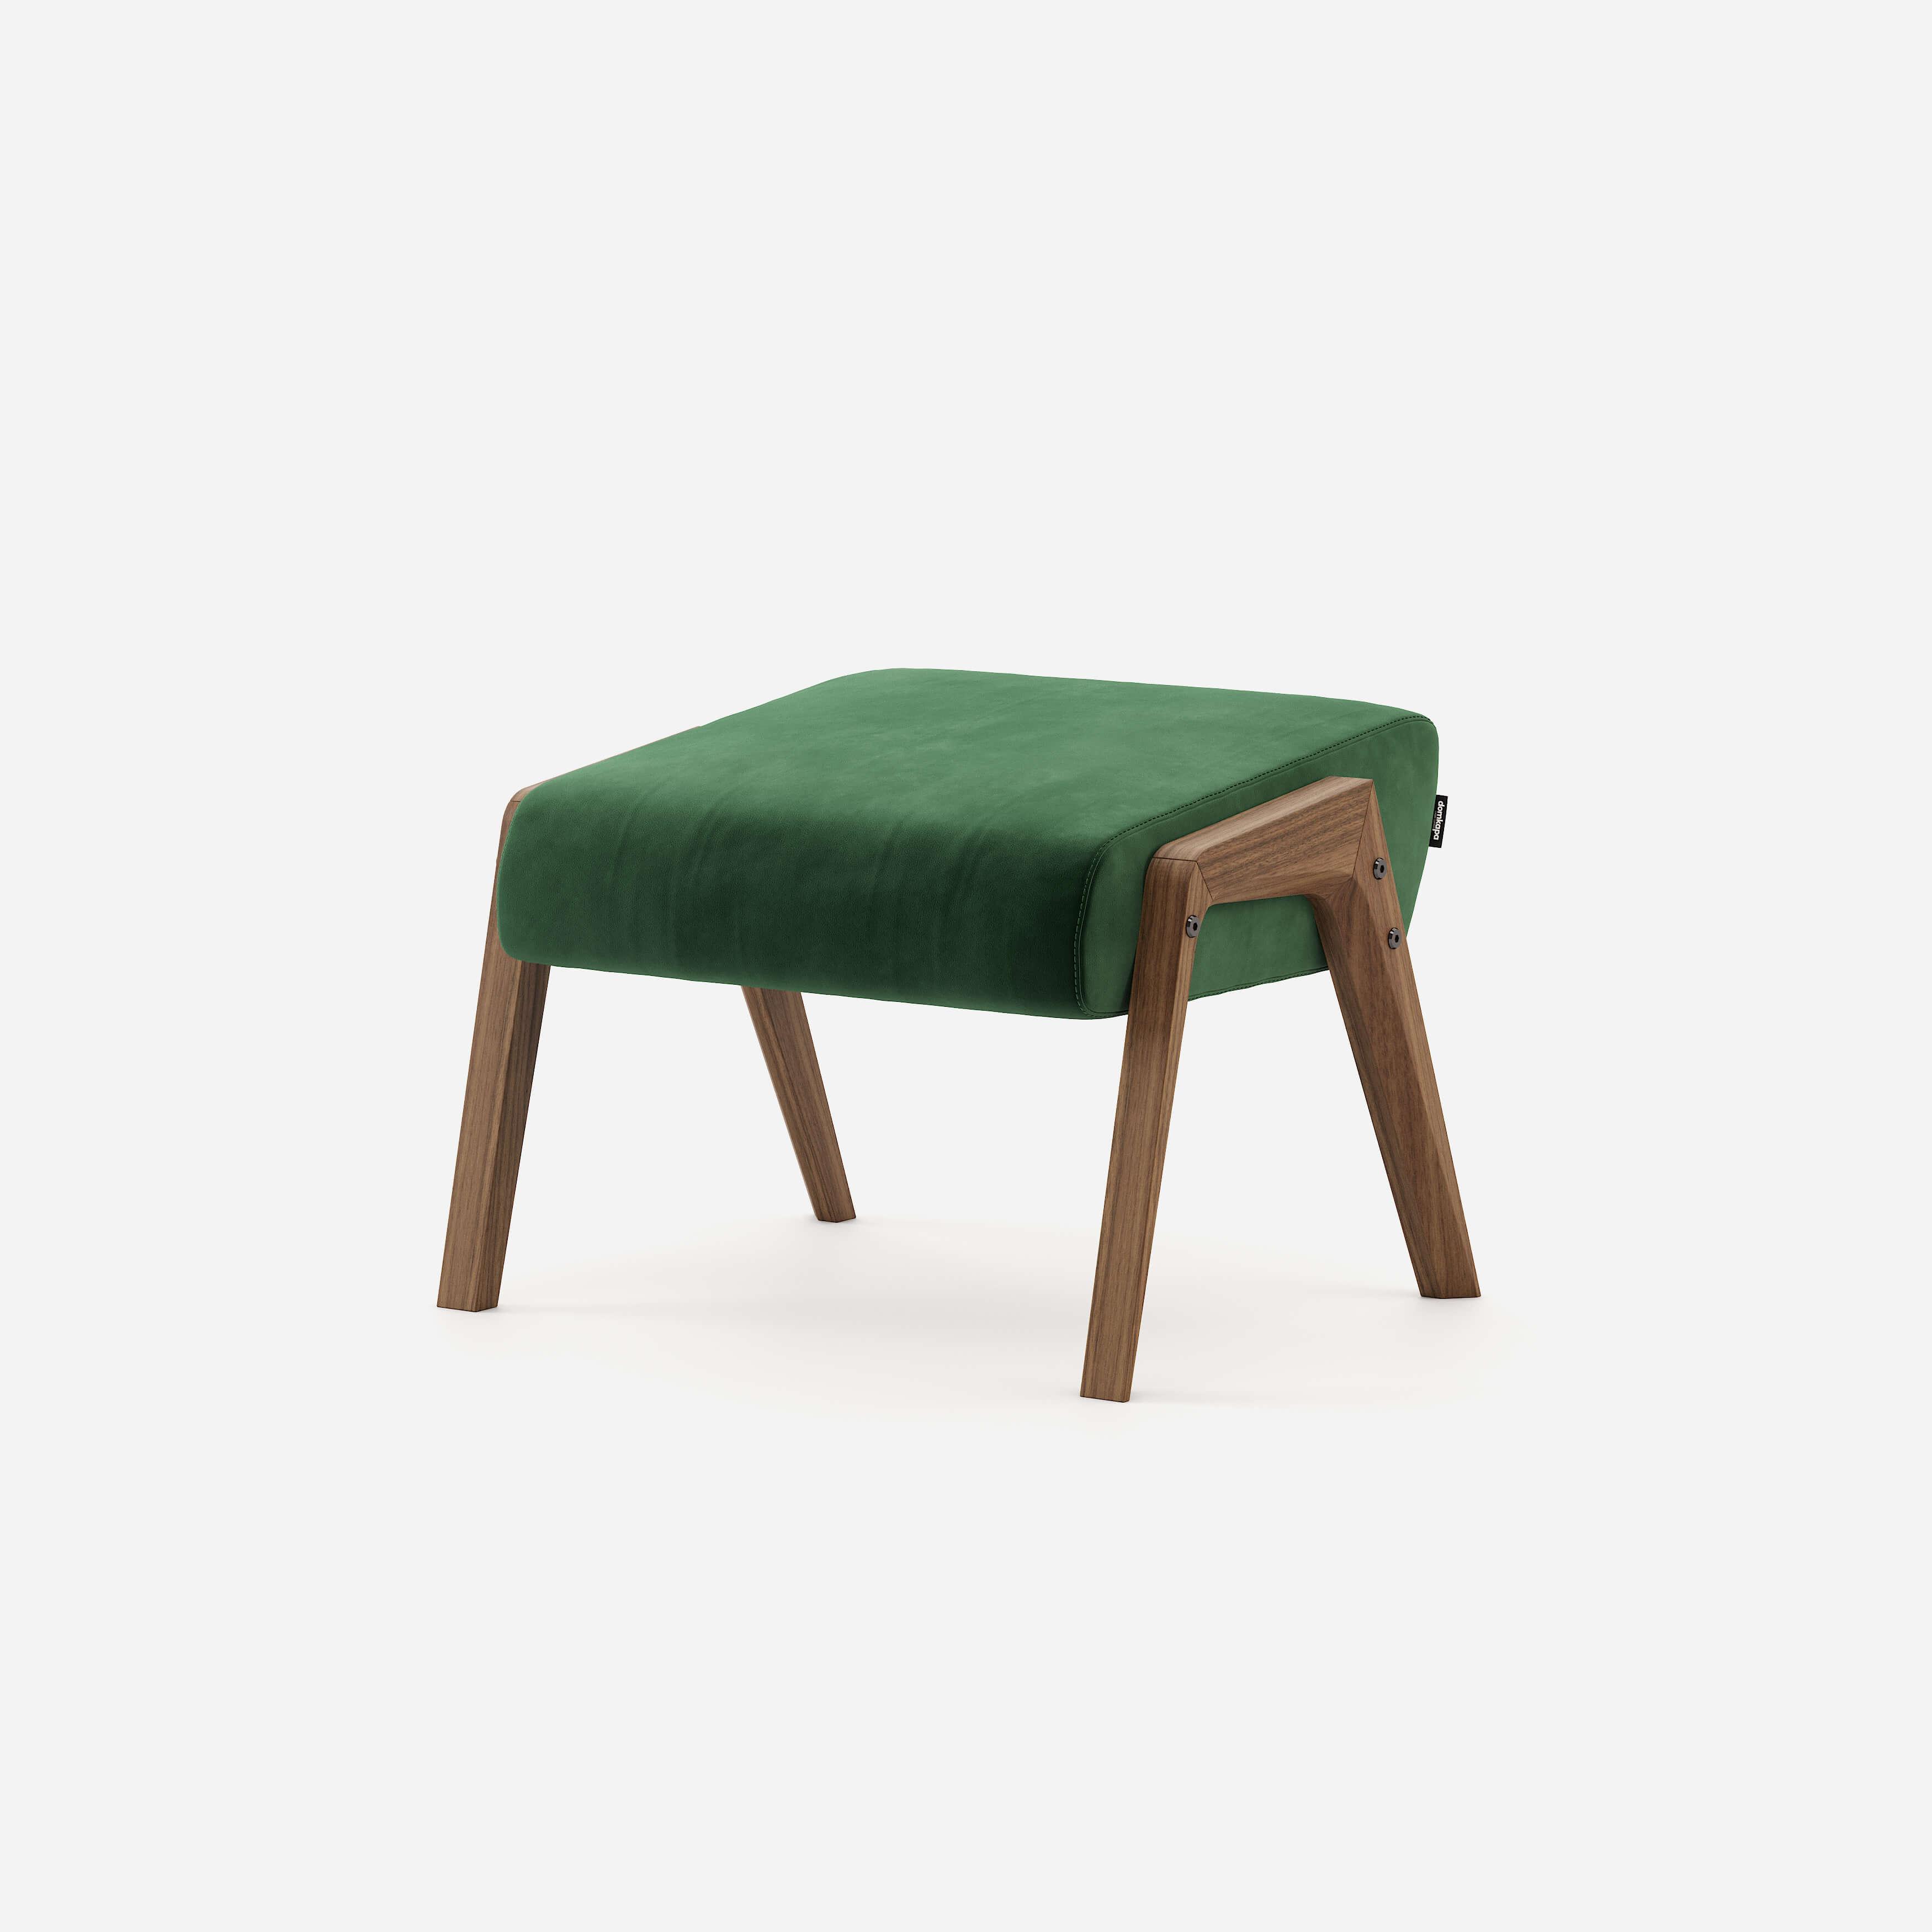 greta-ottoman-velvet-wood-green-upholstered-furniture-living-room-accessory-casegood-domkapa-1